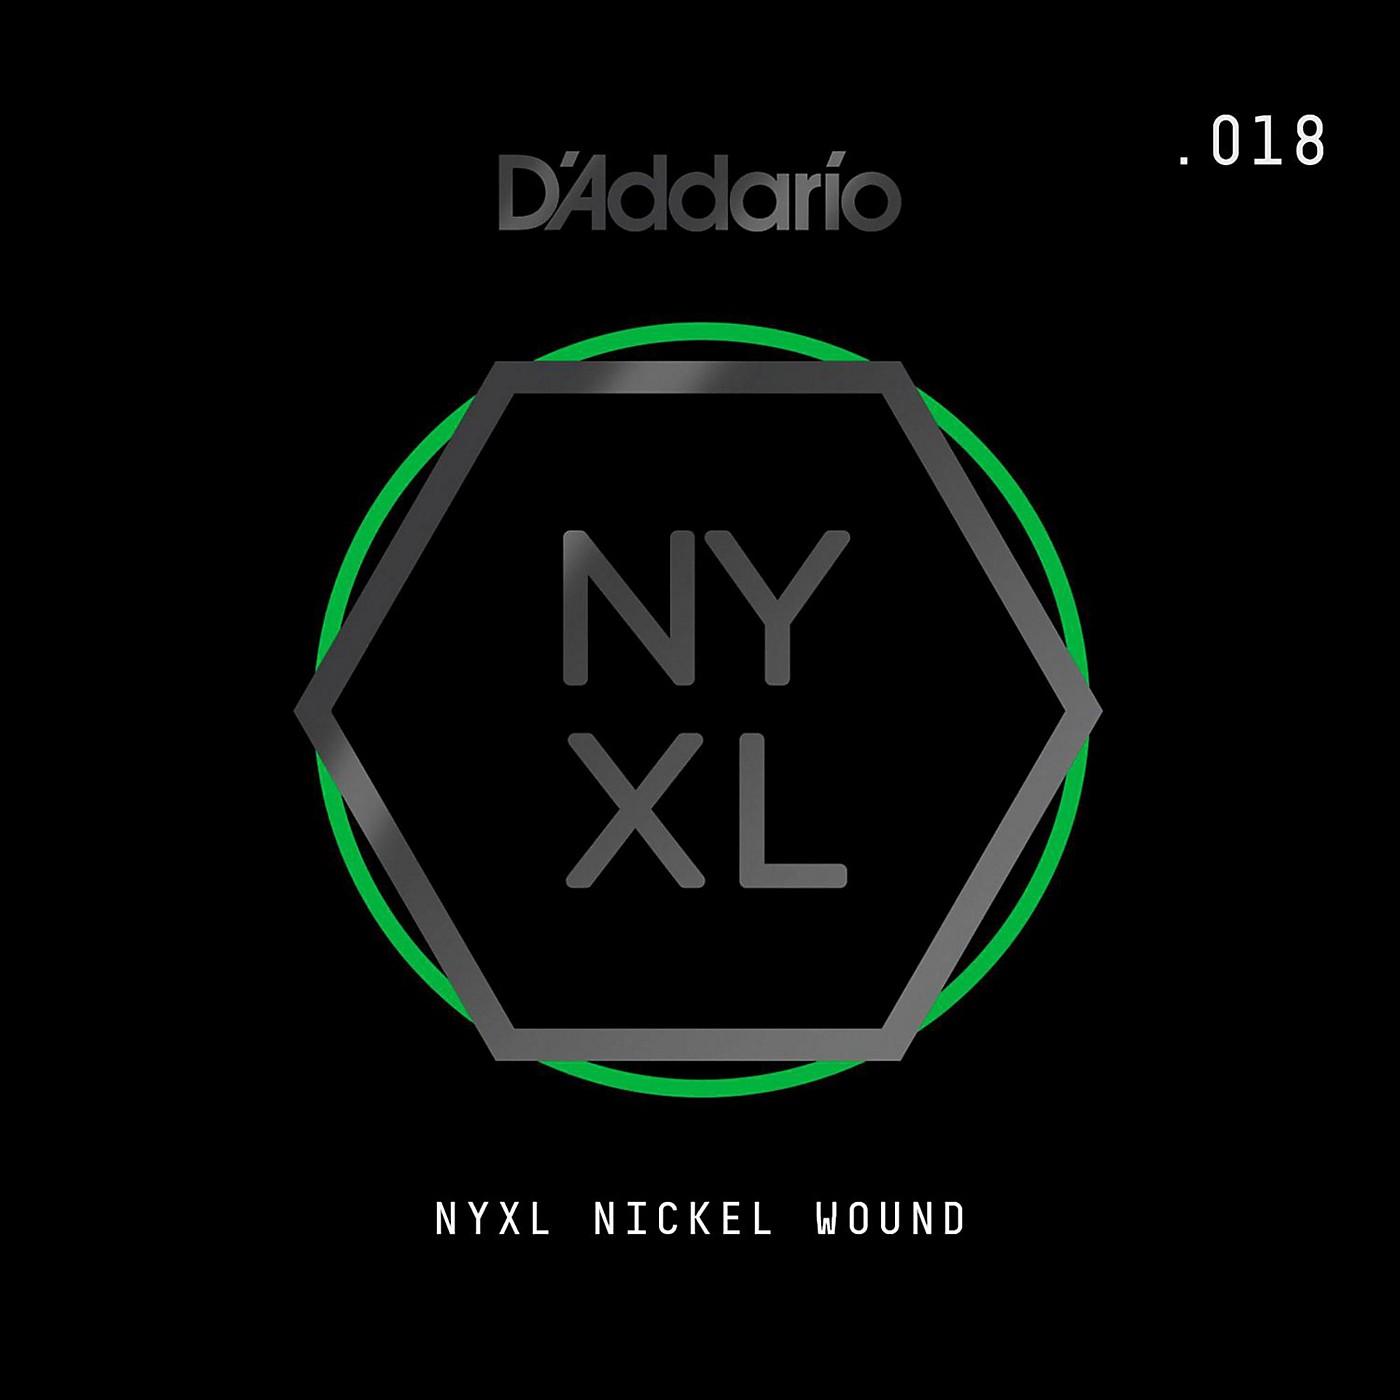 D'Addario NYNW018 NYXL Nickel Wound Electric Guitar Single String, .018 thumbnail